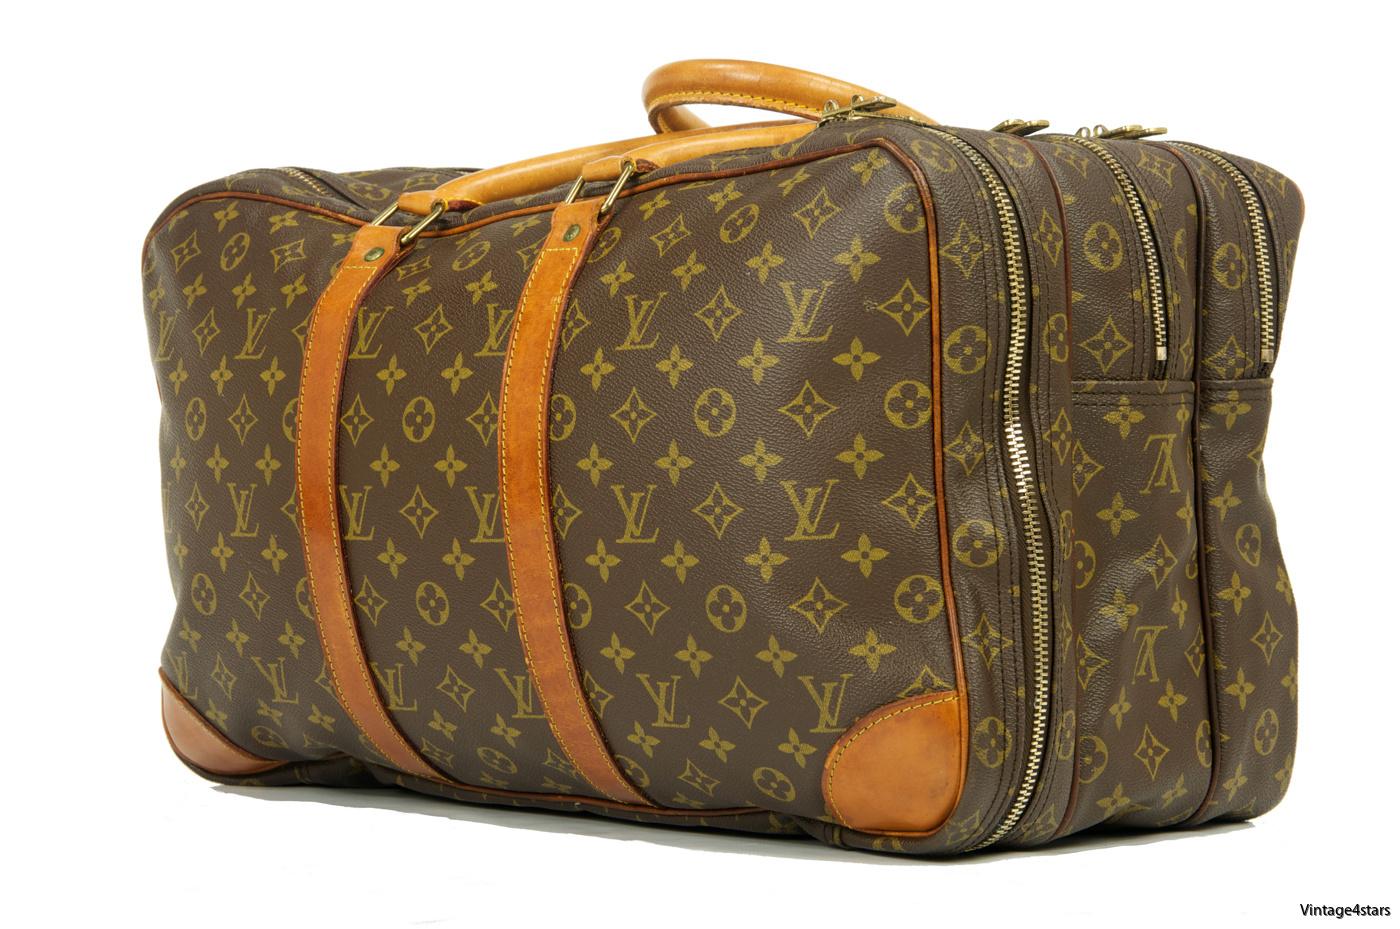 Louis Vuitton Sac 3 Poches 5